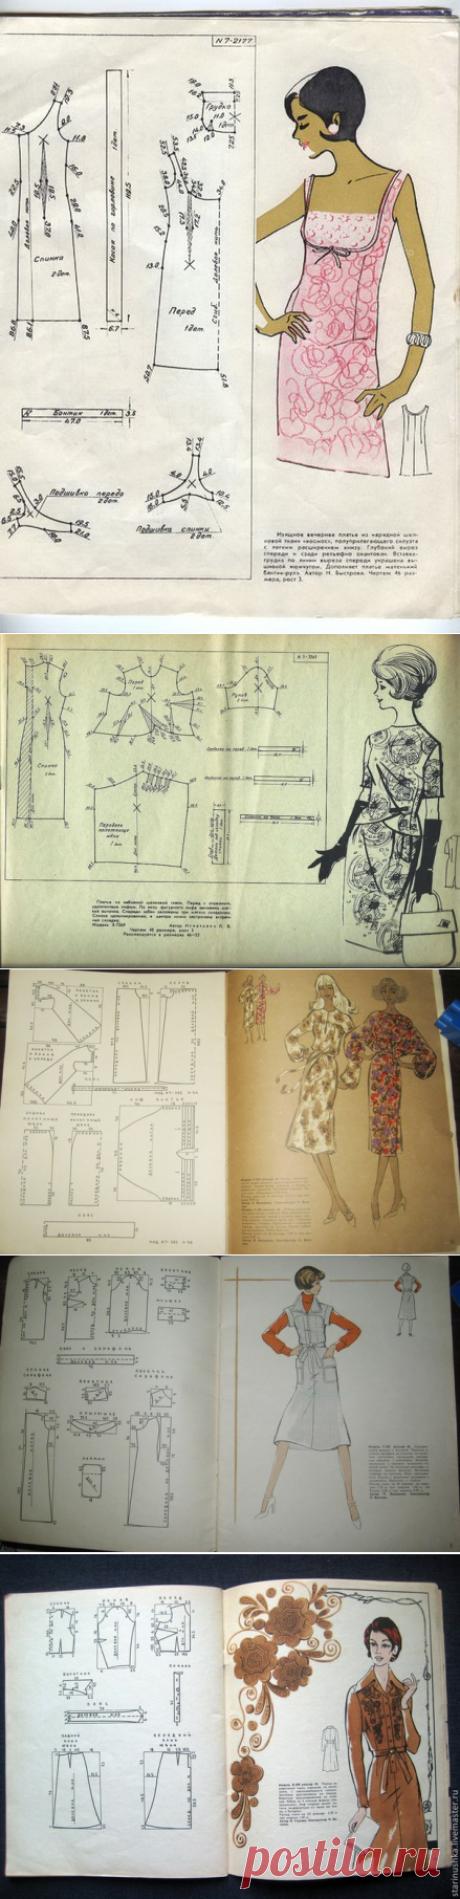 АТЕЛЬЕ дизайнерской одежды: шитье, выкройки.Ретро-выкройки из изданий прошлых лет.